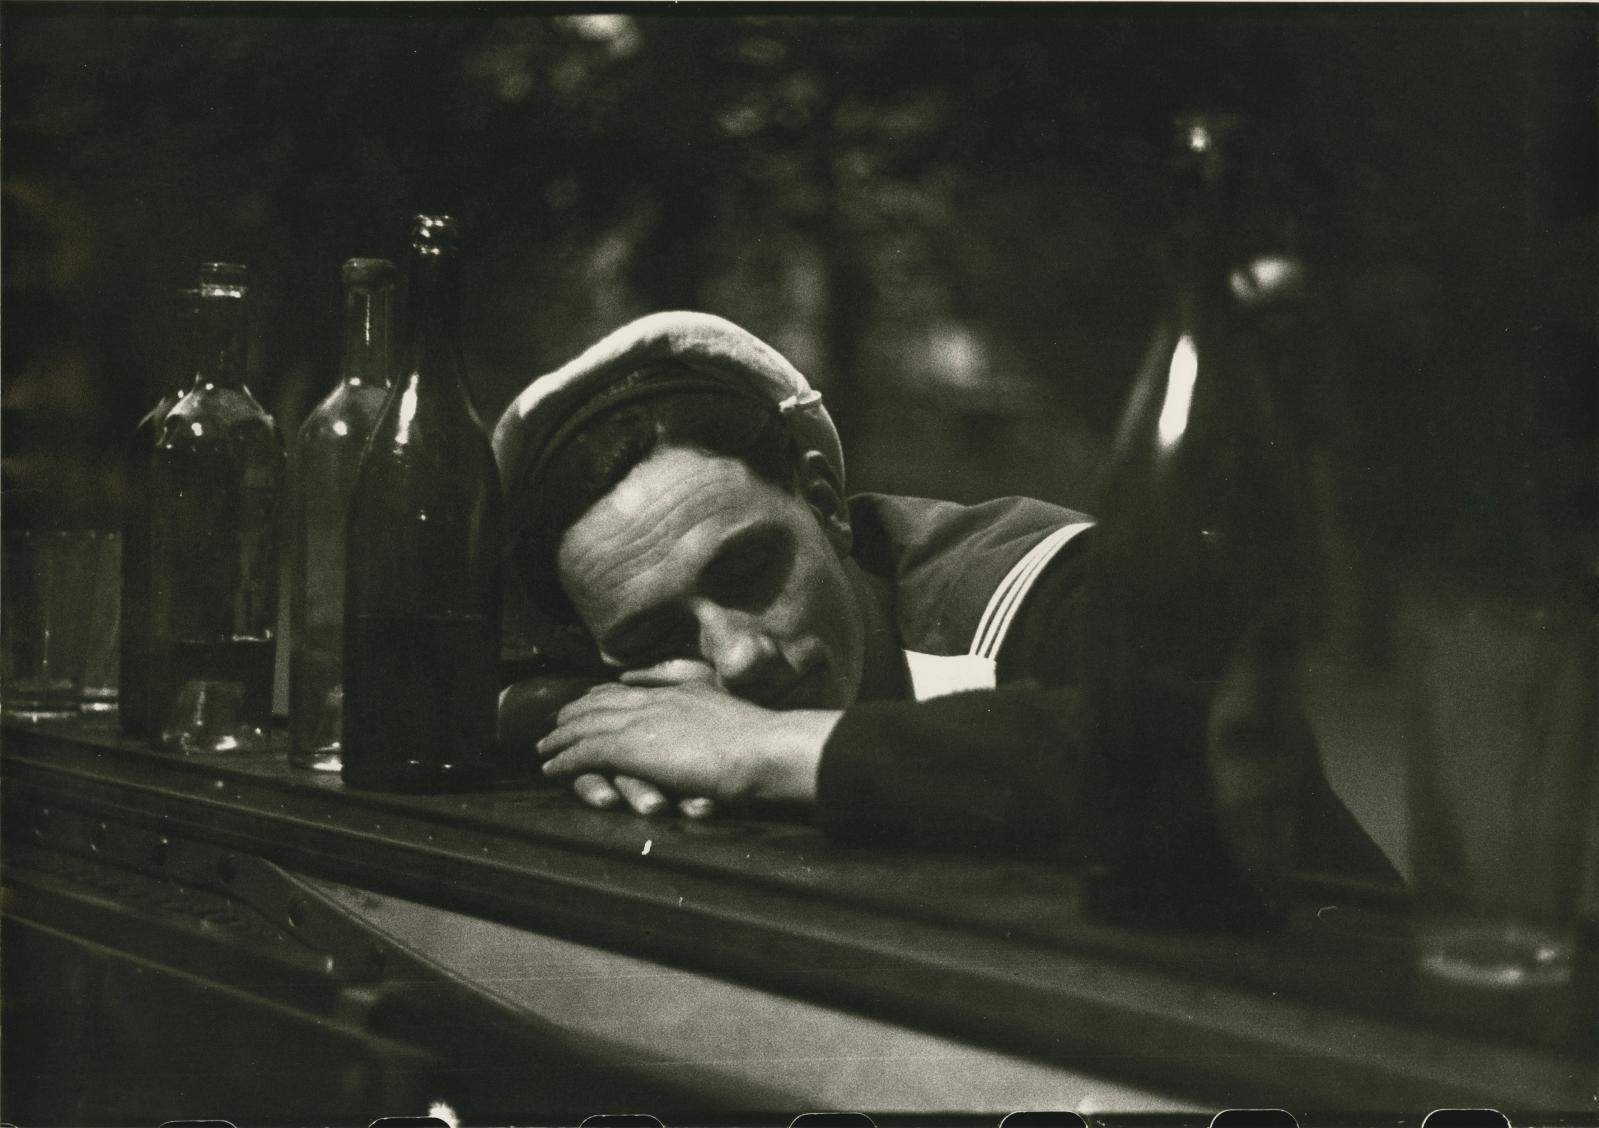 Le Marin endormi sur le piano du bal, place du Bourg-Tibourg, Paris 4e, vers 1945, tirage argentique vers 1990, 42x59,5cm. Estimation: